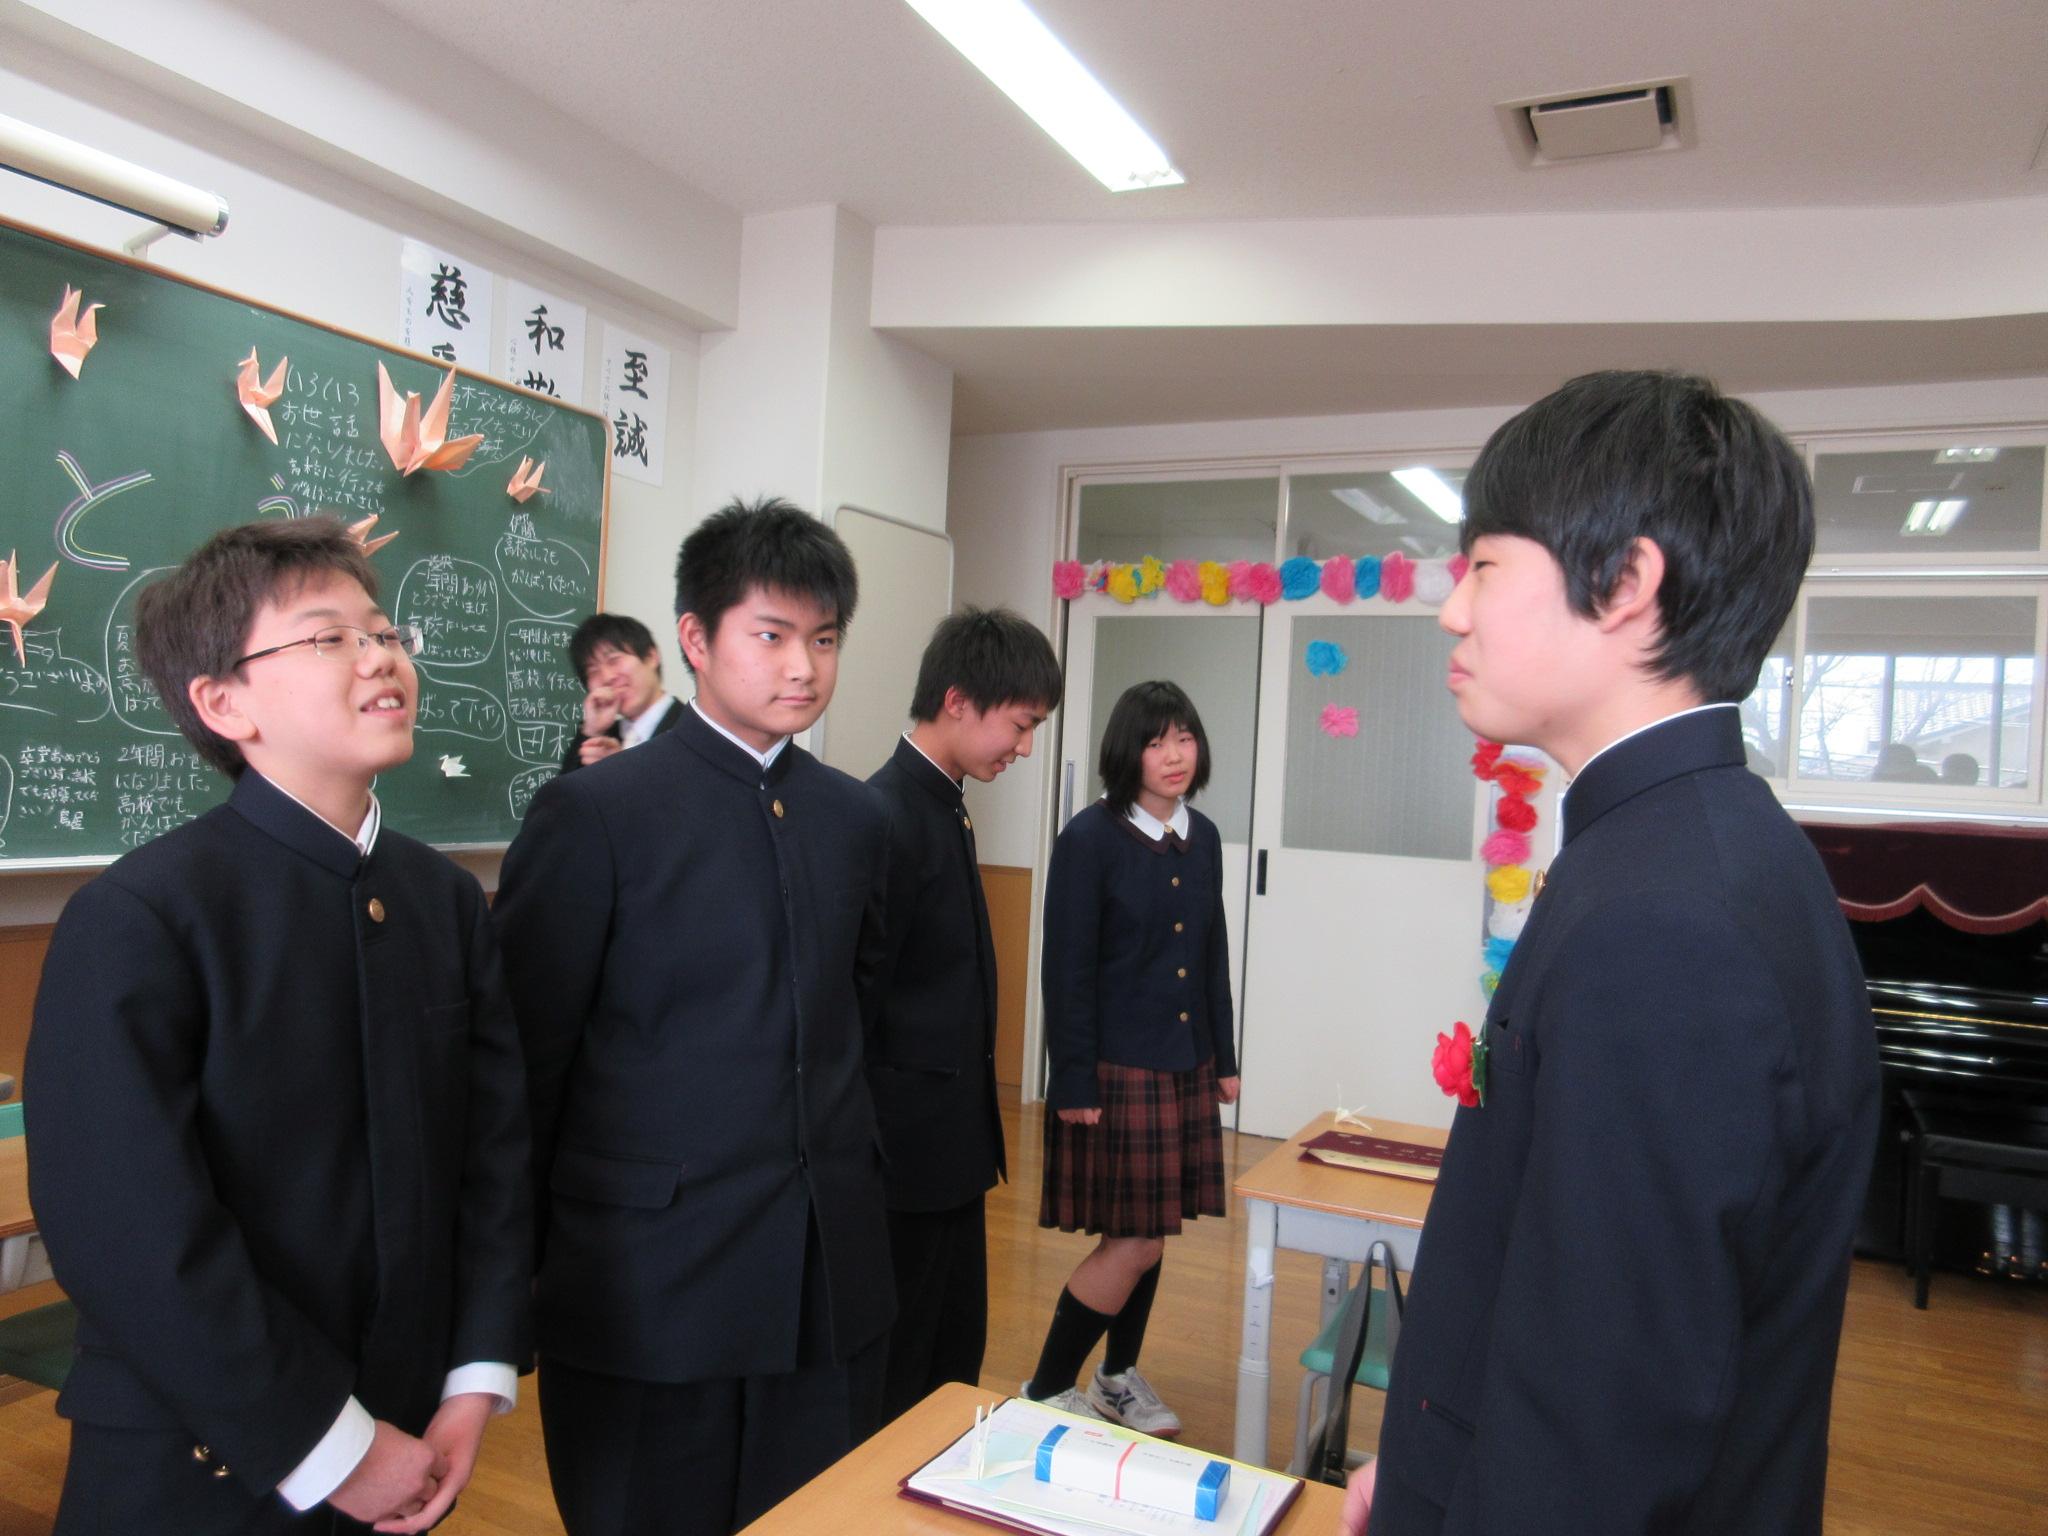 高等 学校 静 学園 貞